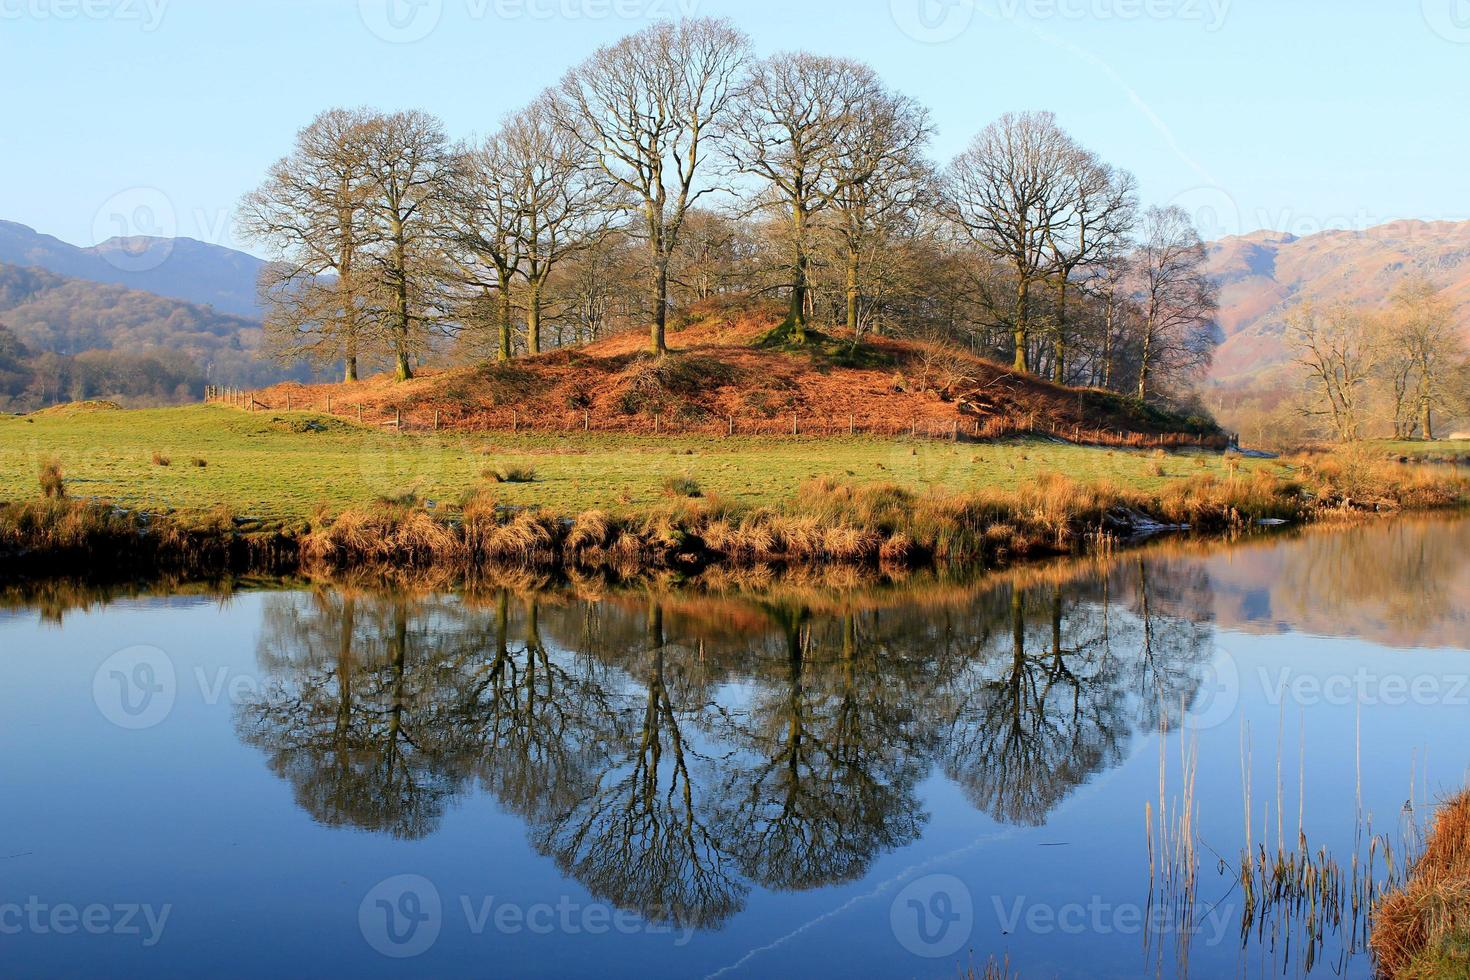 atemberaubende Reflexion von Bäumen in einem stillen See foto